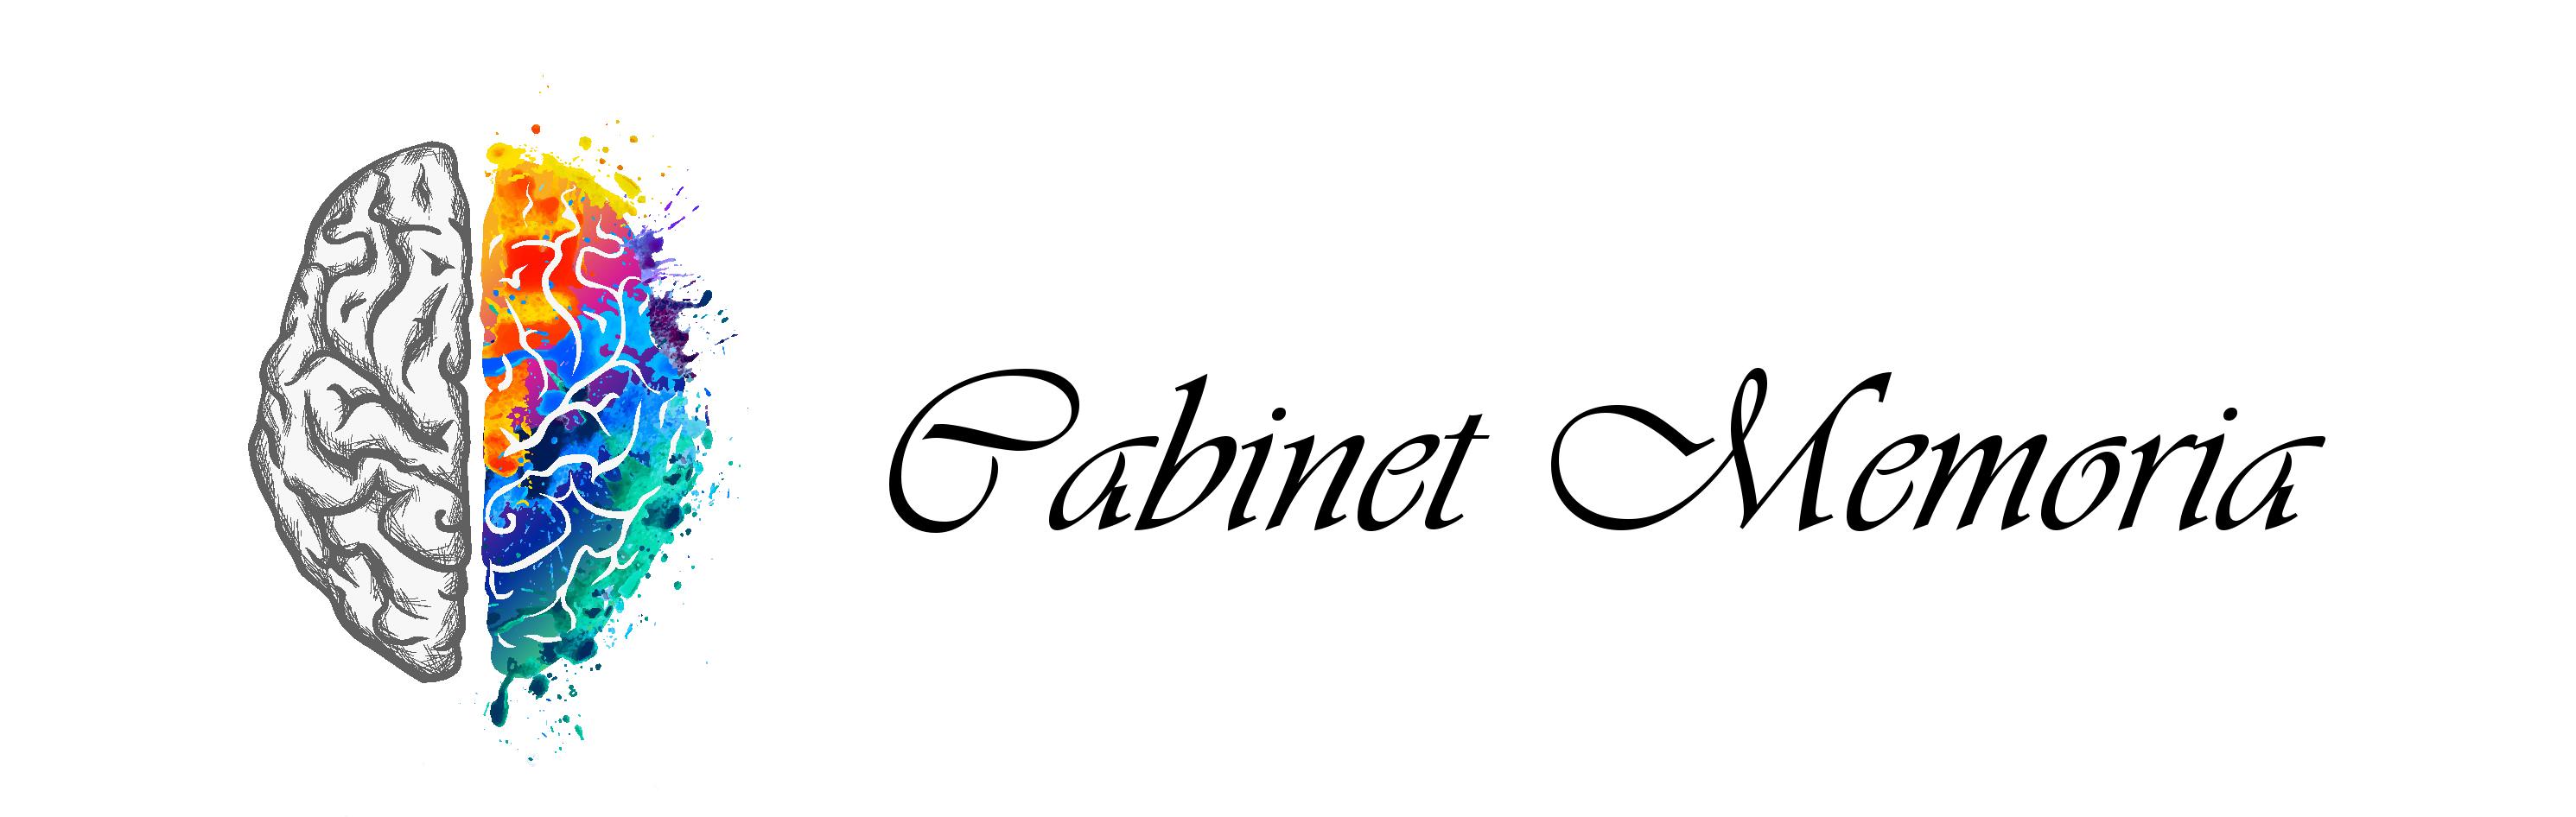 Cabinet Memoria